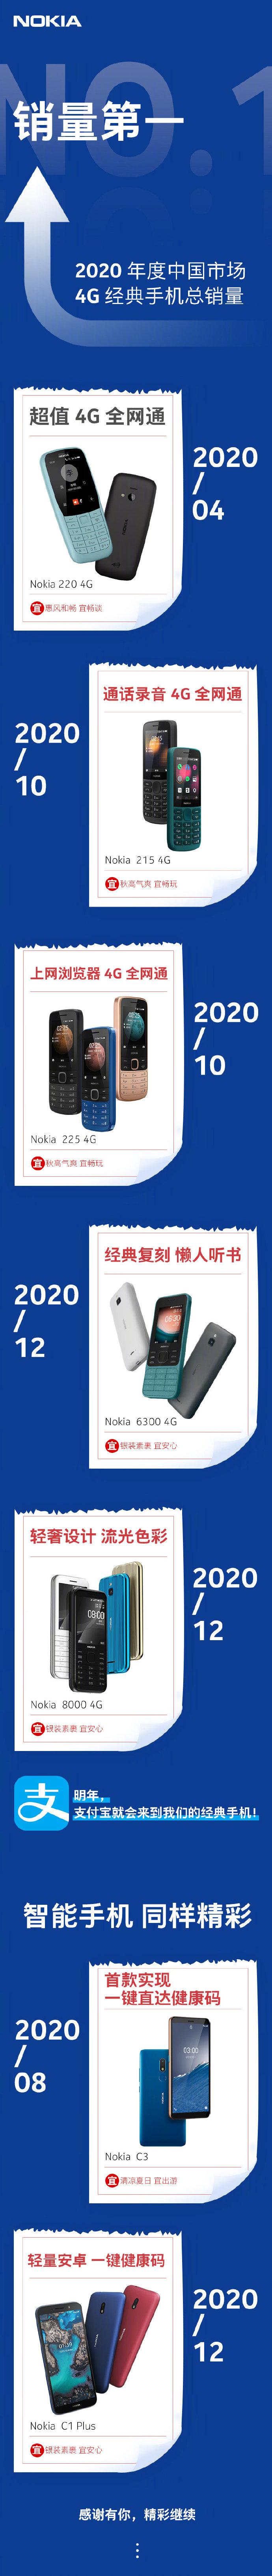 诺基亚发布年度战报,4G 经典手机总销量排名第一 - 热点资讯 每日推荐 第3张